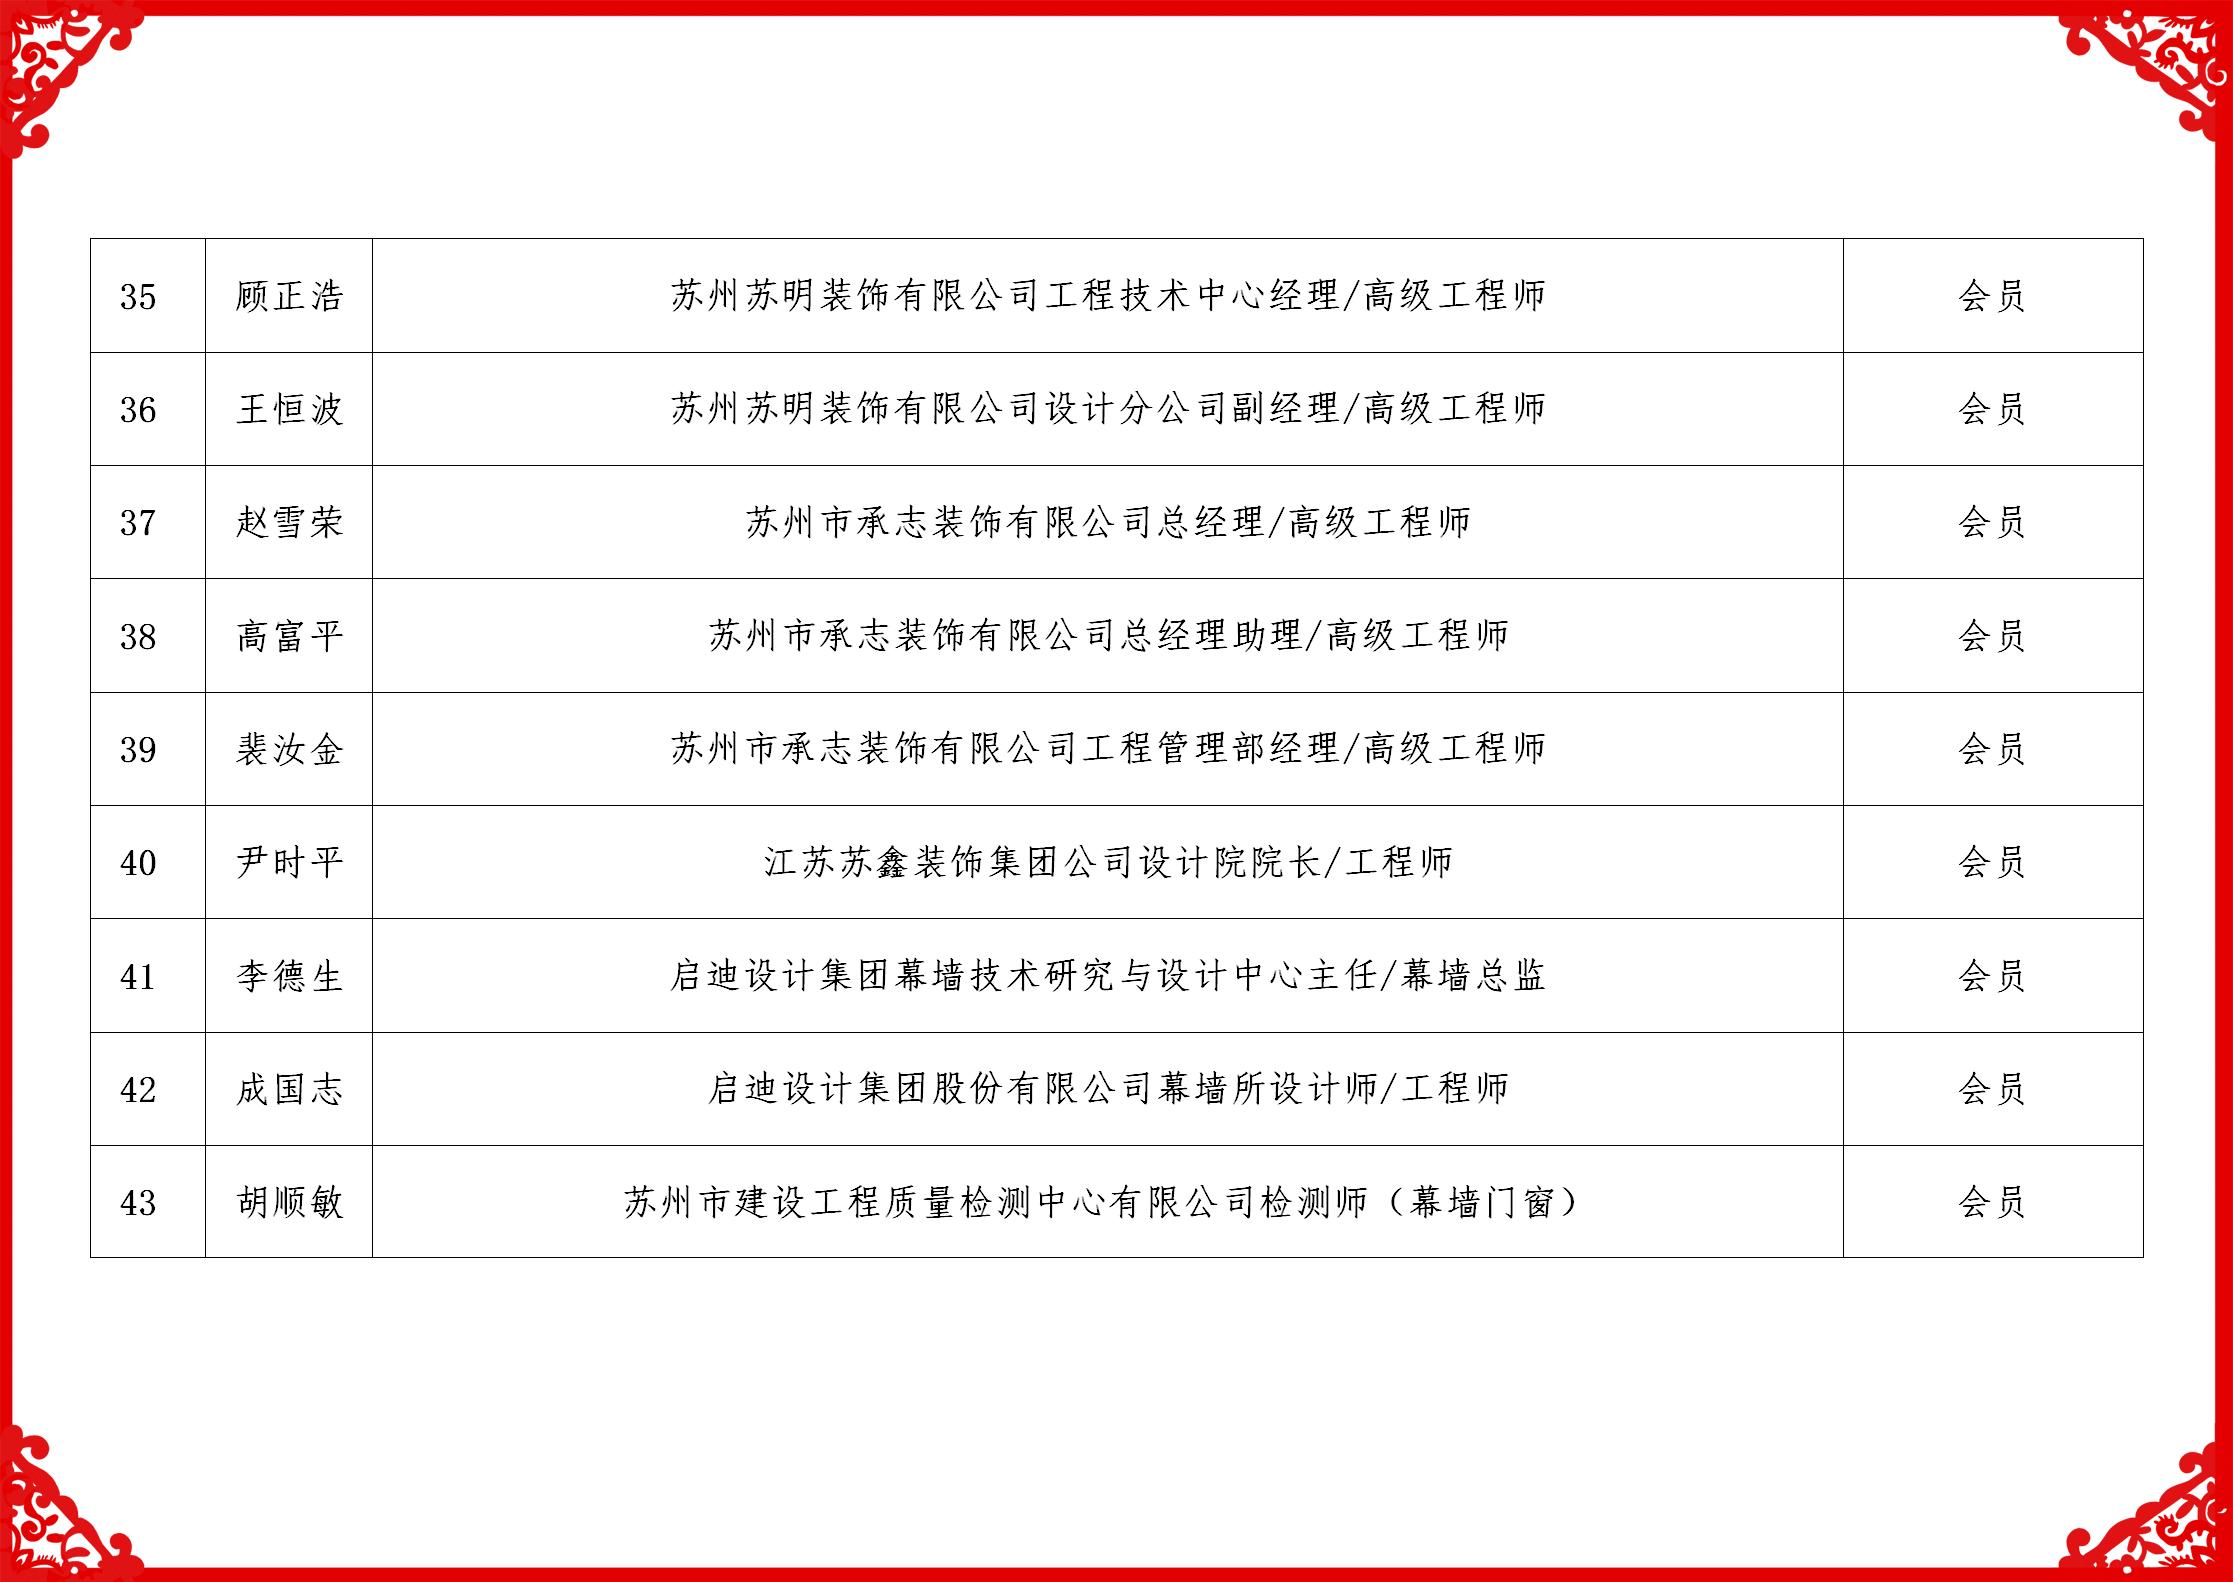 2019科技委名单_05